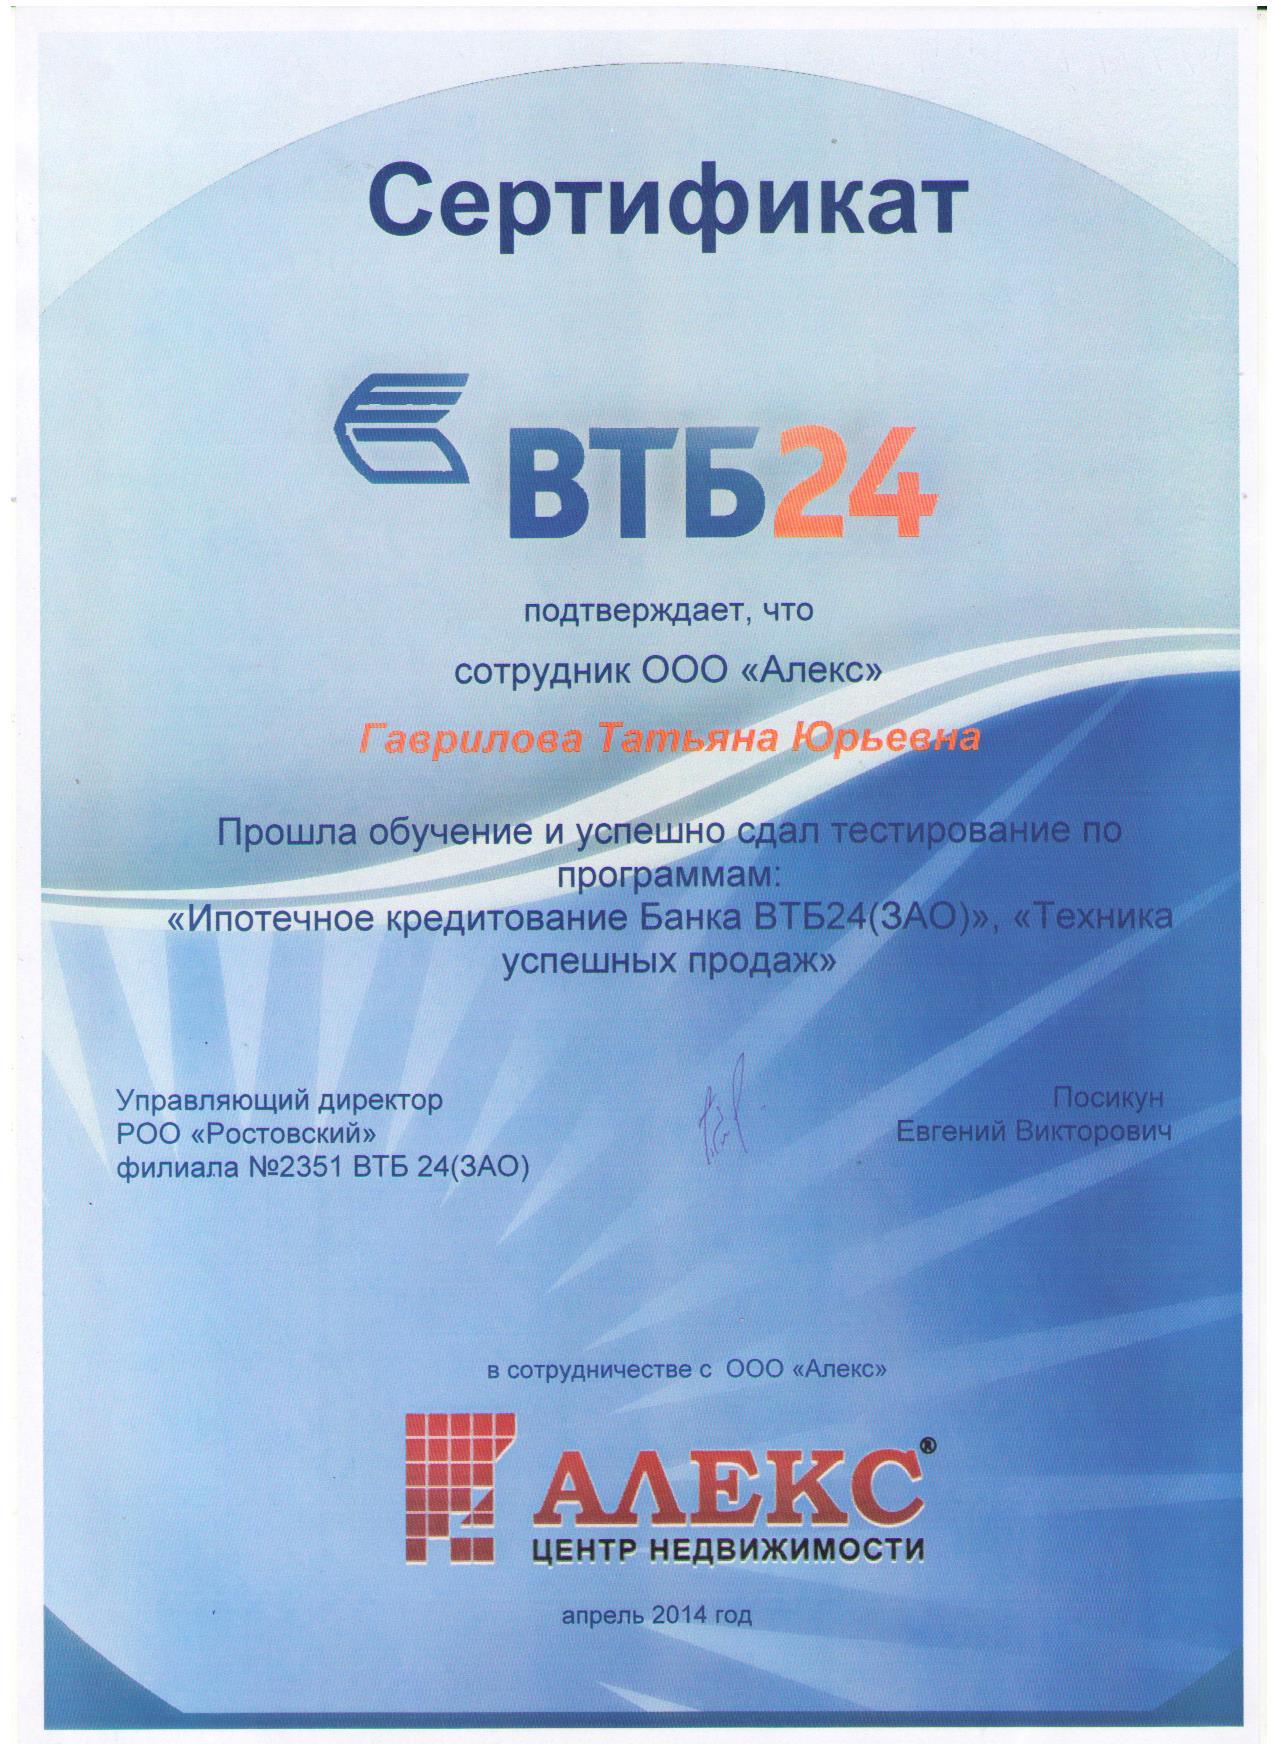 того как втб 24 ростовский филиал 2351 управляющий оригинальных запчастей